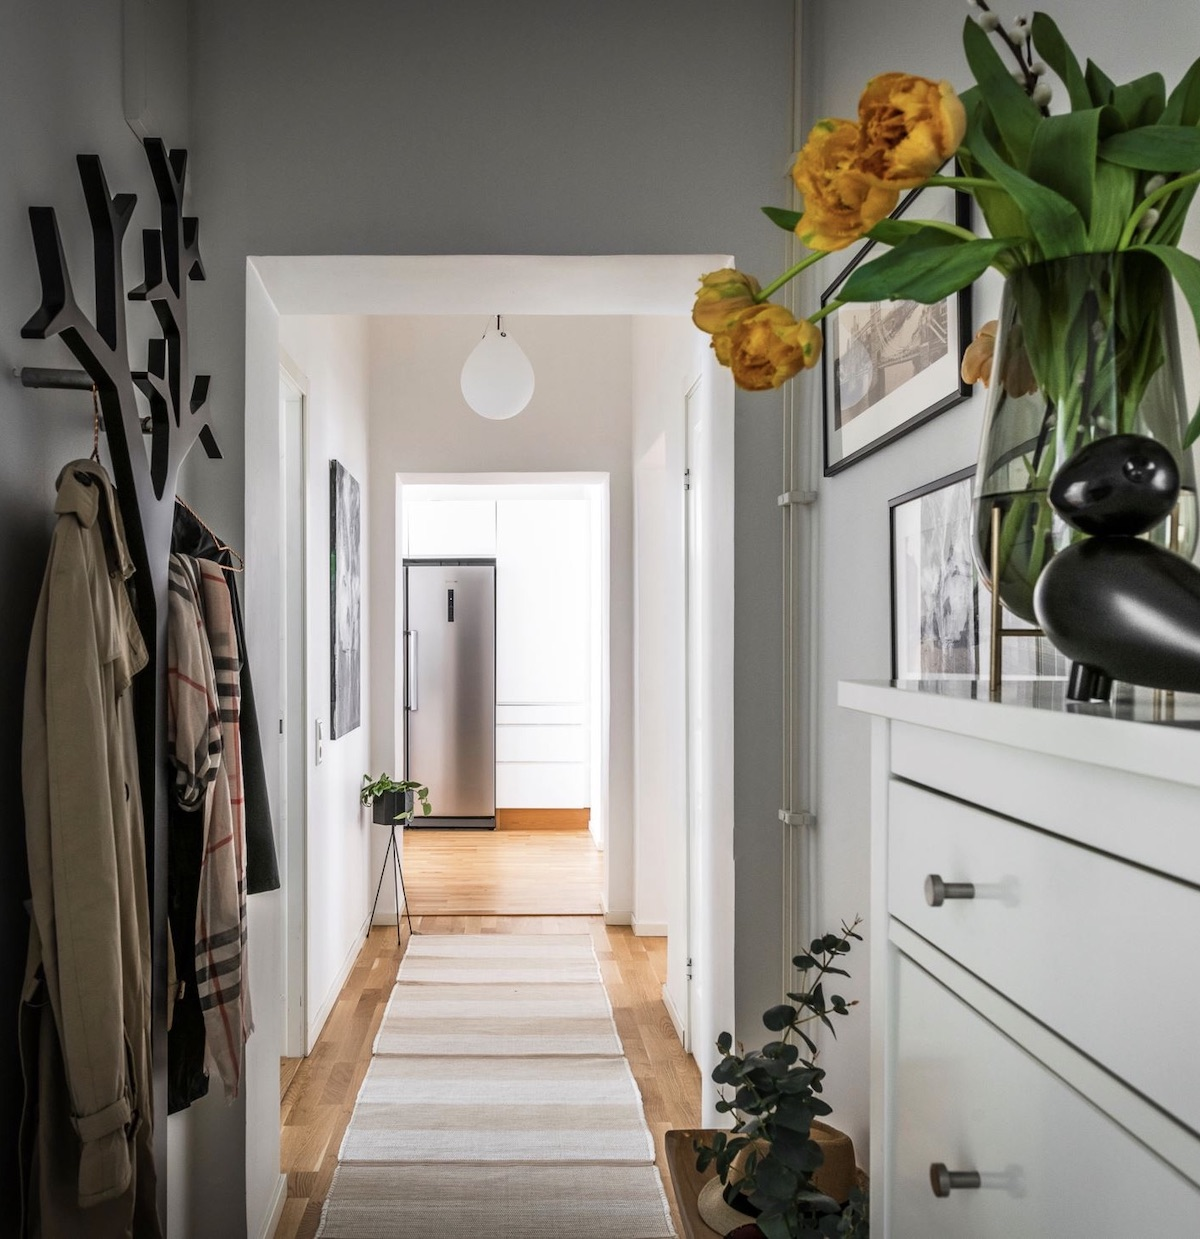 appartement Linné Goteborg aménagement couloir entrée porte-manteau arbre noir